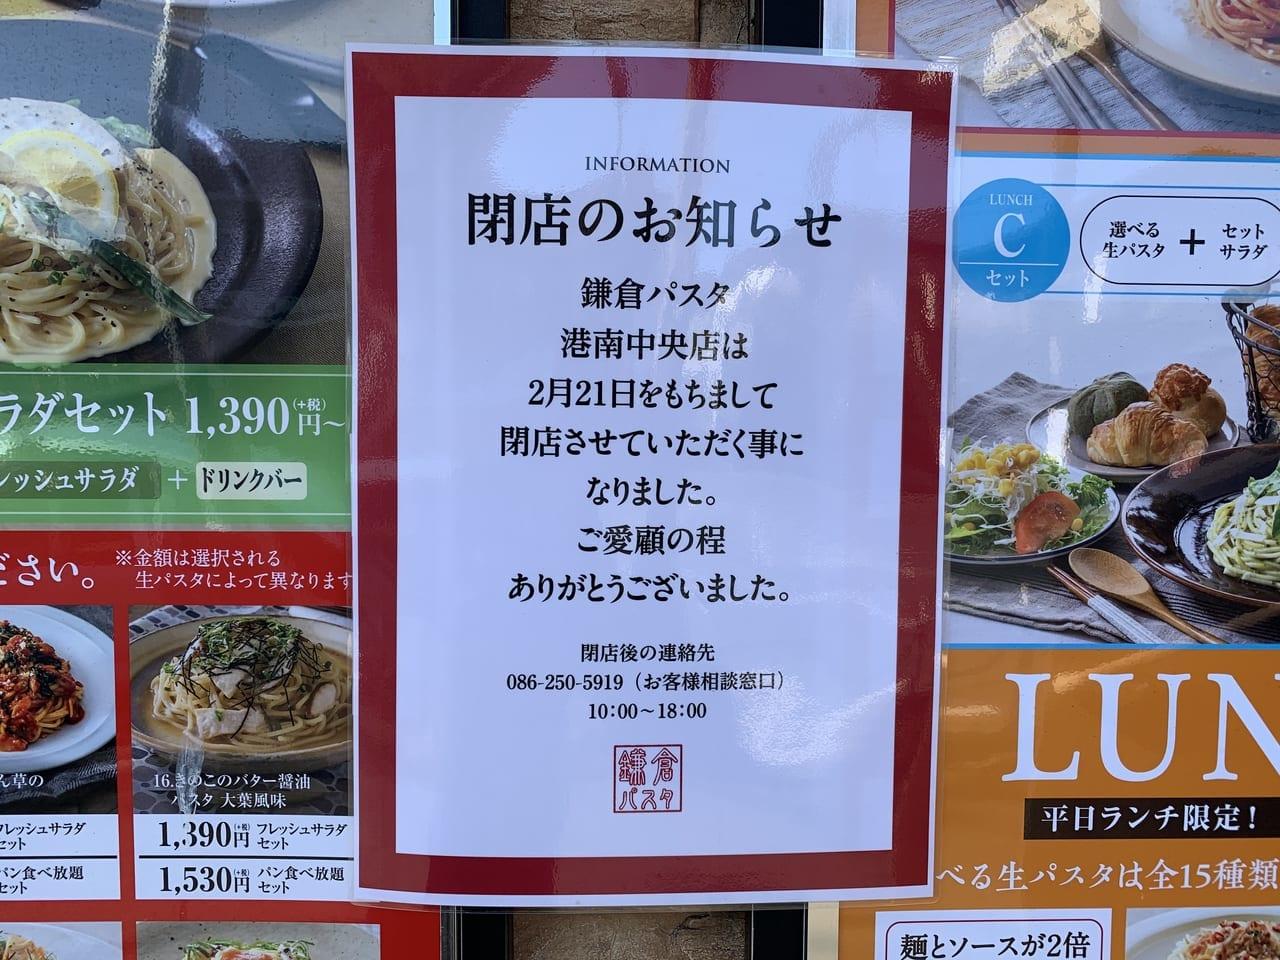 鎌倉パスタ閉店のお知らせ